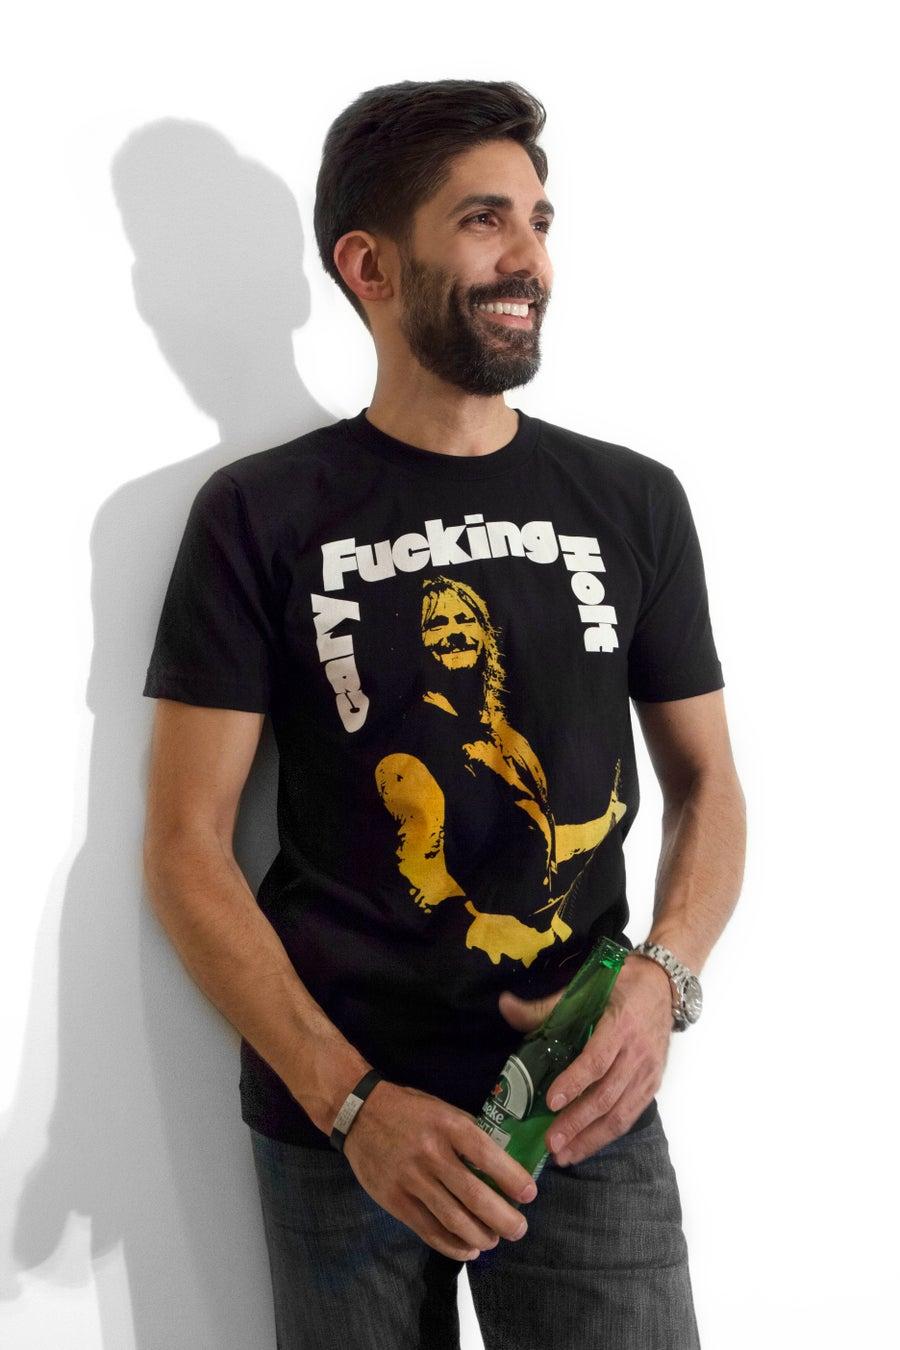 Image of Gary Fucking Holt Tshirt